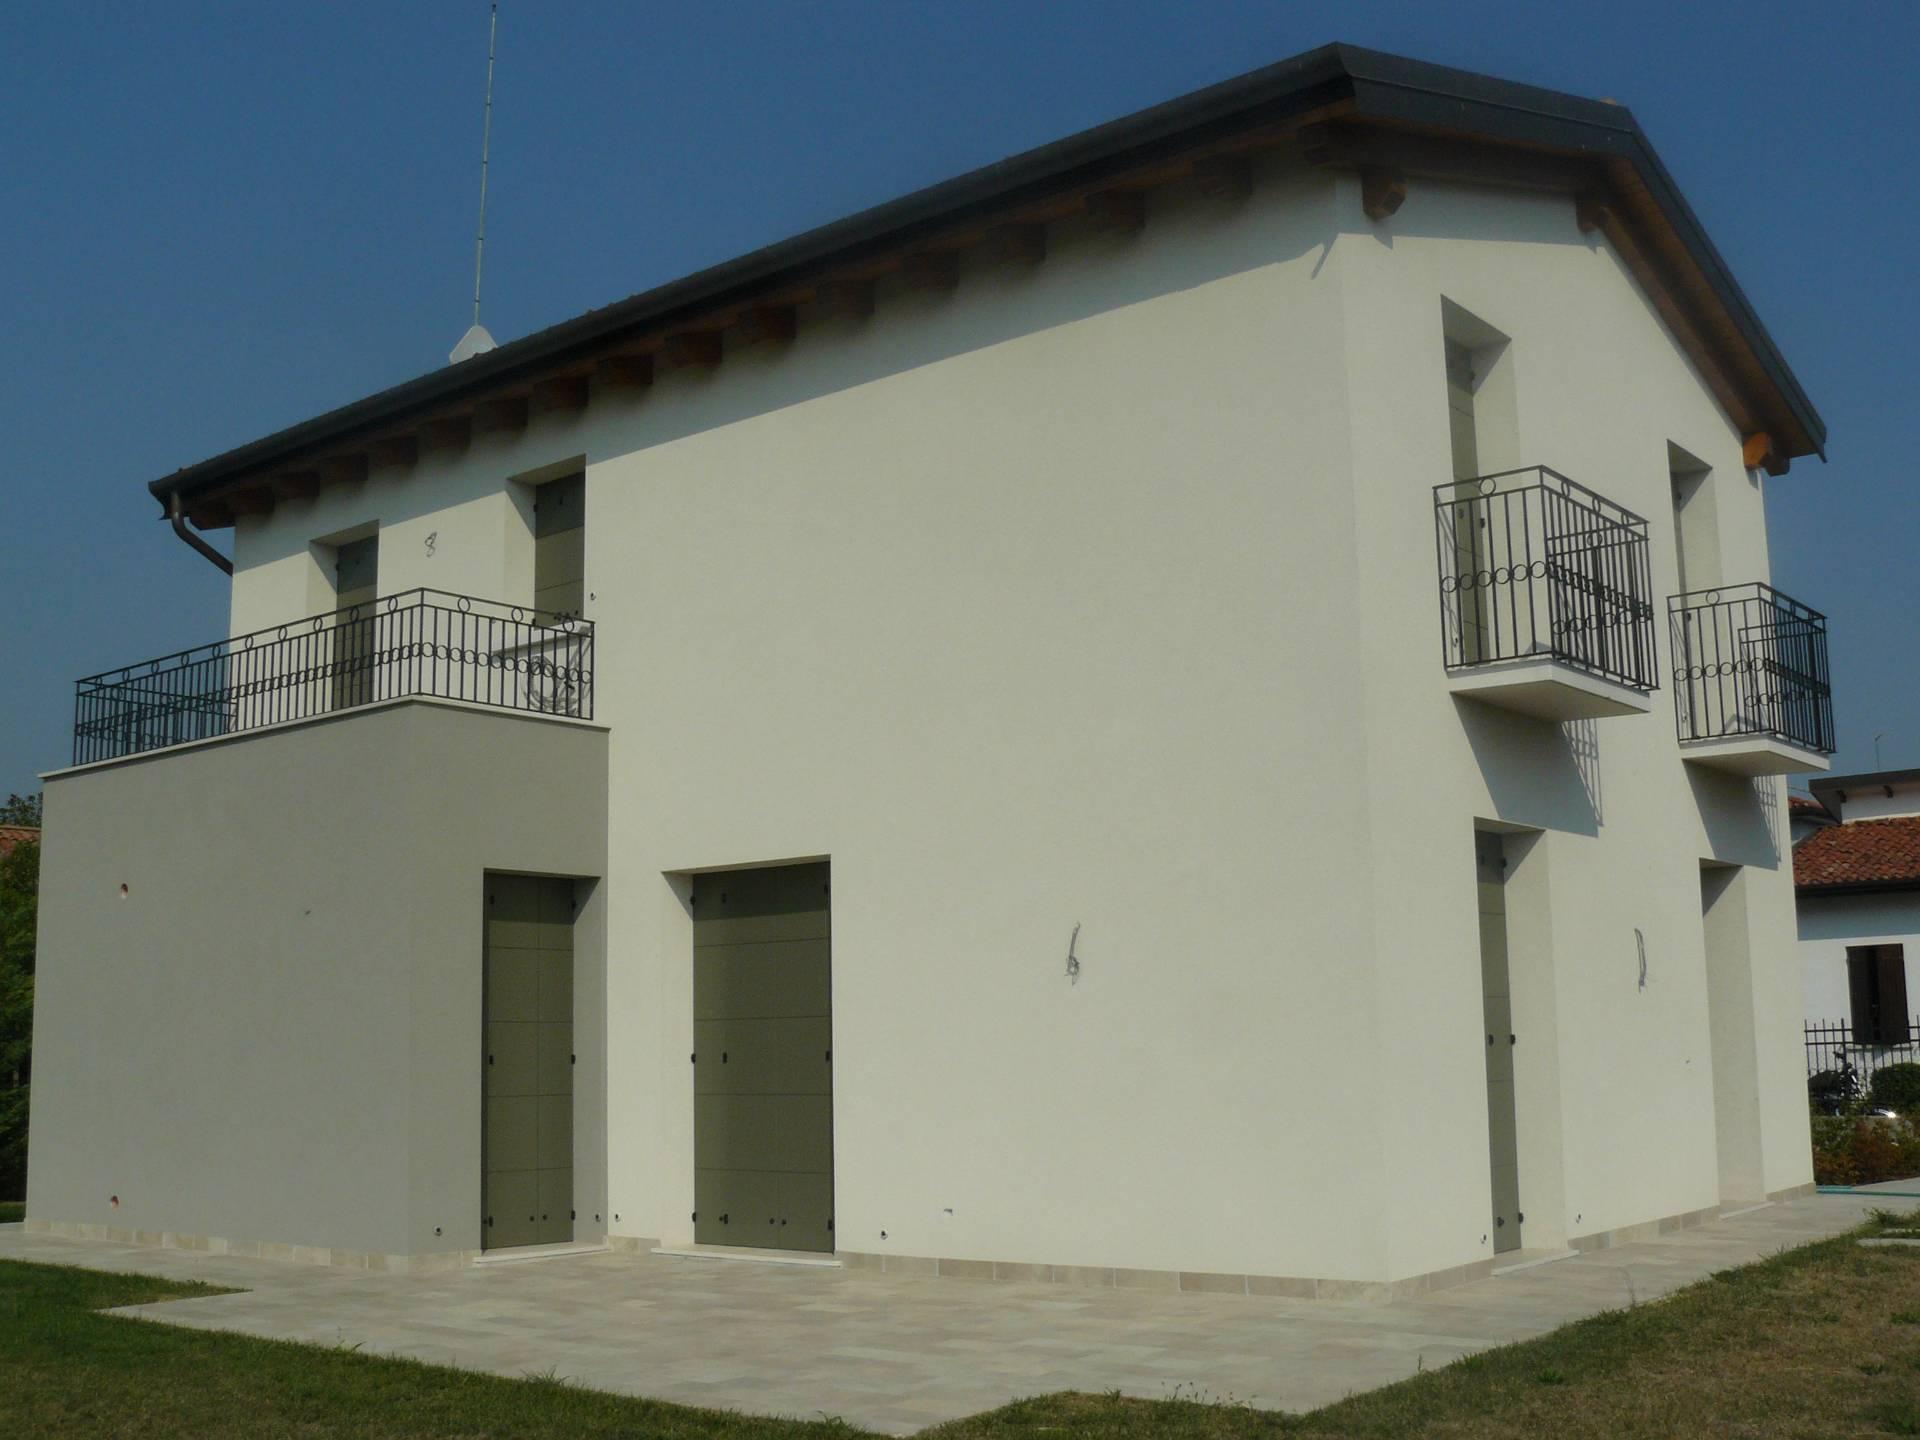 Villa in vendita a Preganziol, 5 locali, zona Località: Centro, prezzo € 360.000 | Cambio Casa.it